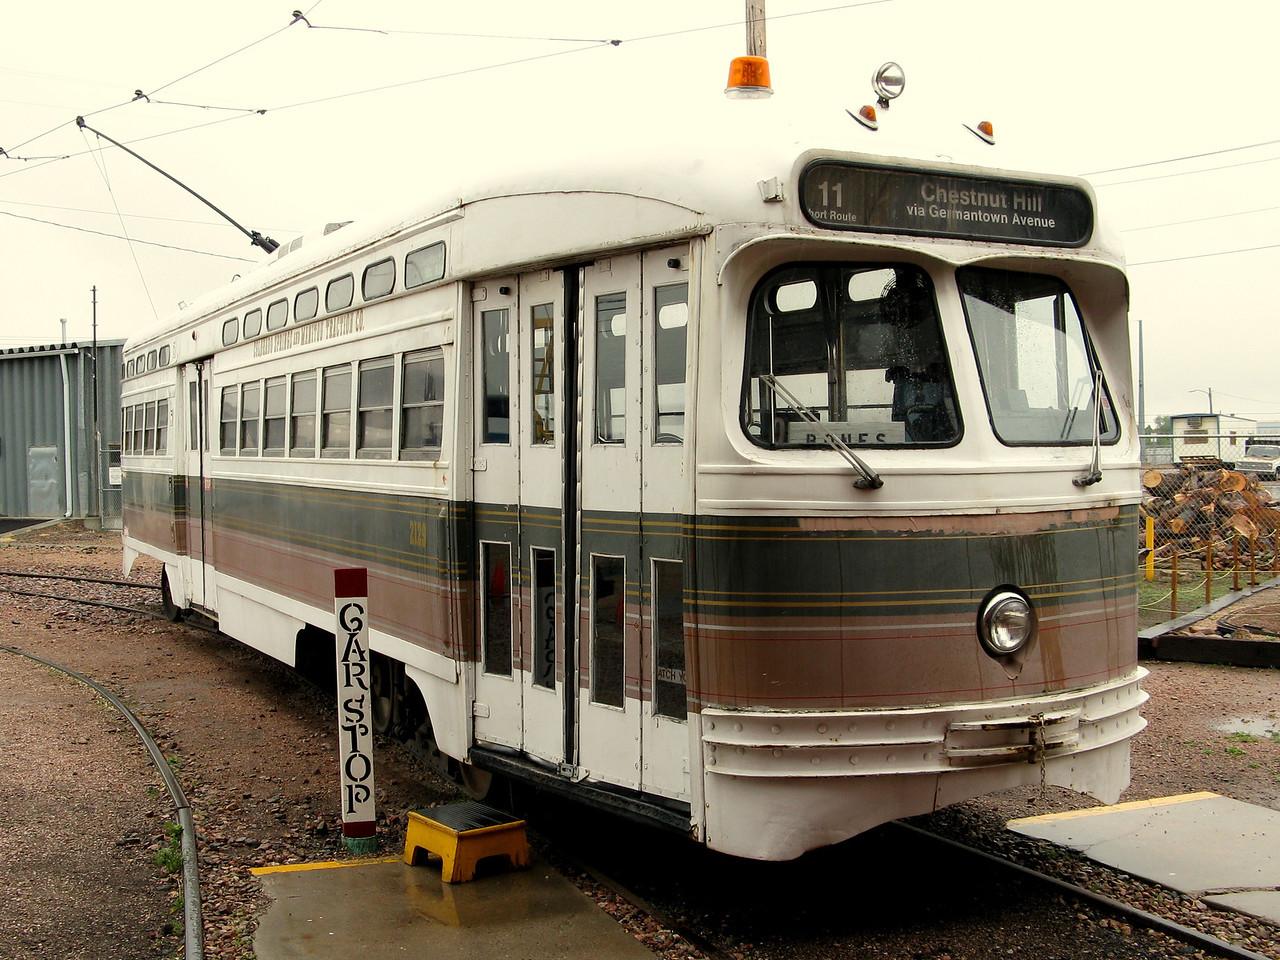 12-05-07 Trolley 007